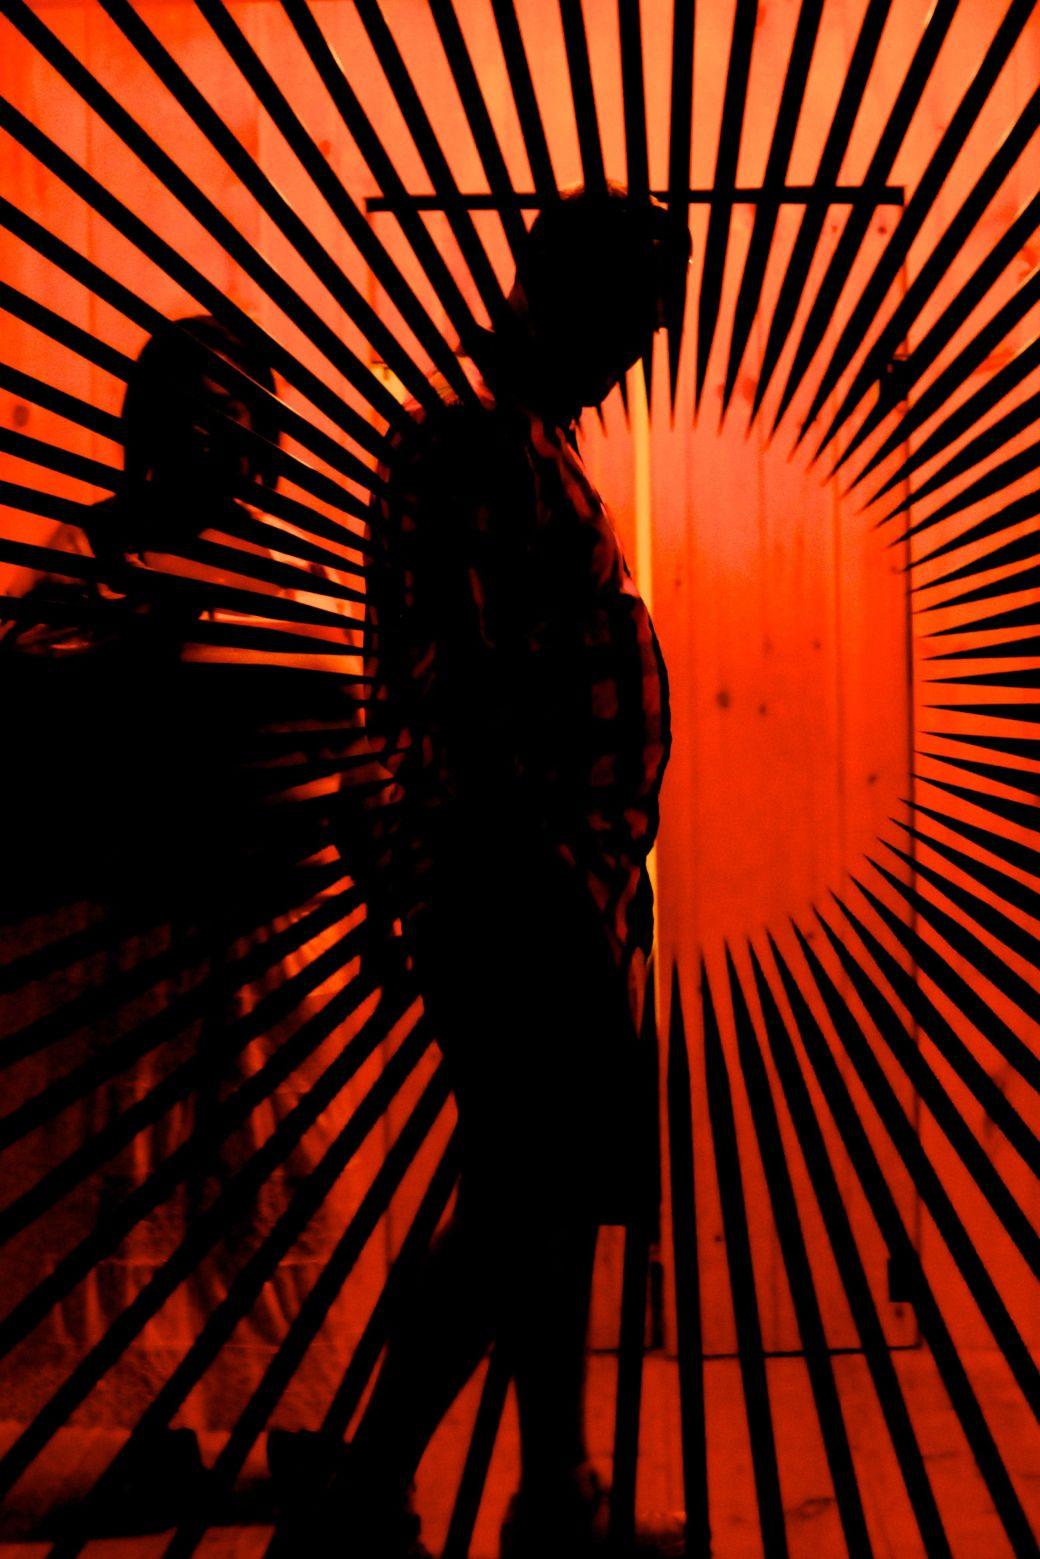 boston institute of contemporary art jim hodges exhibit box 4